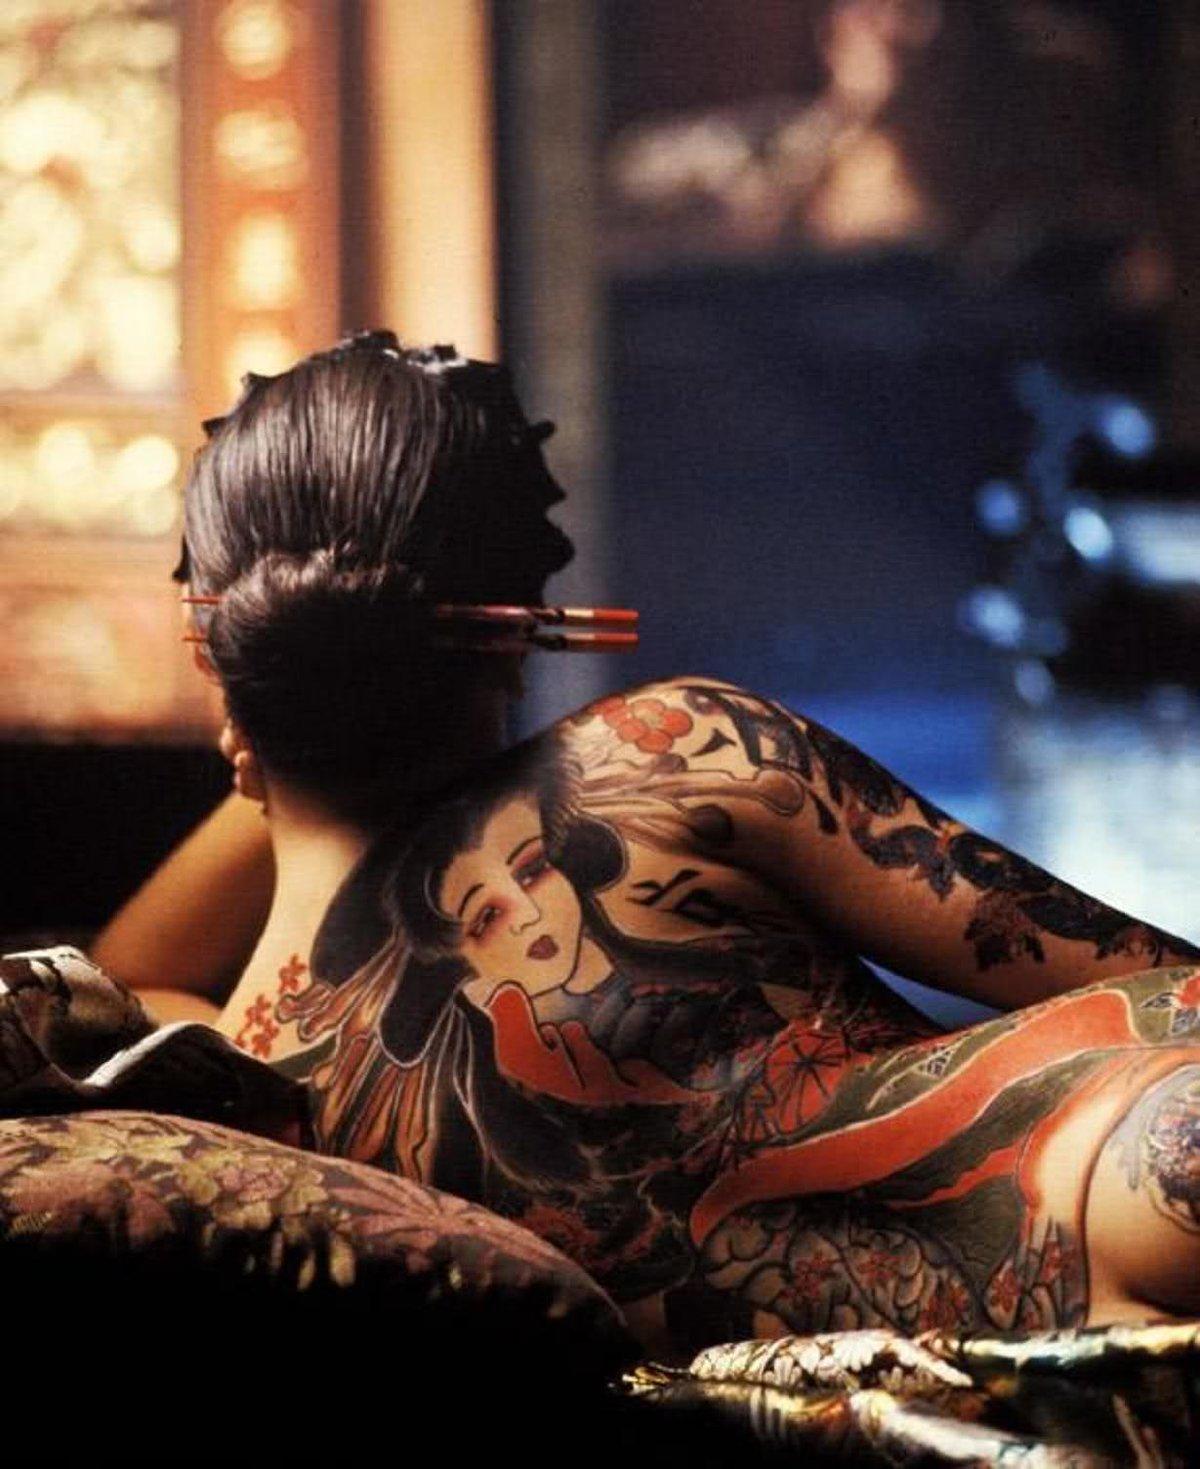 Geisha nude tattoo, can clothes sperm swim through